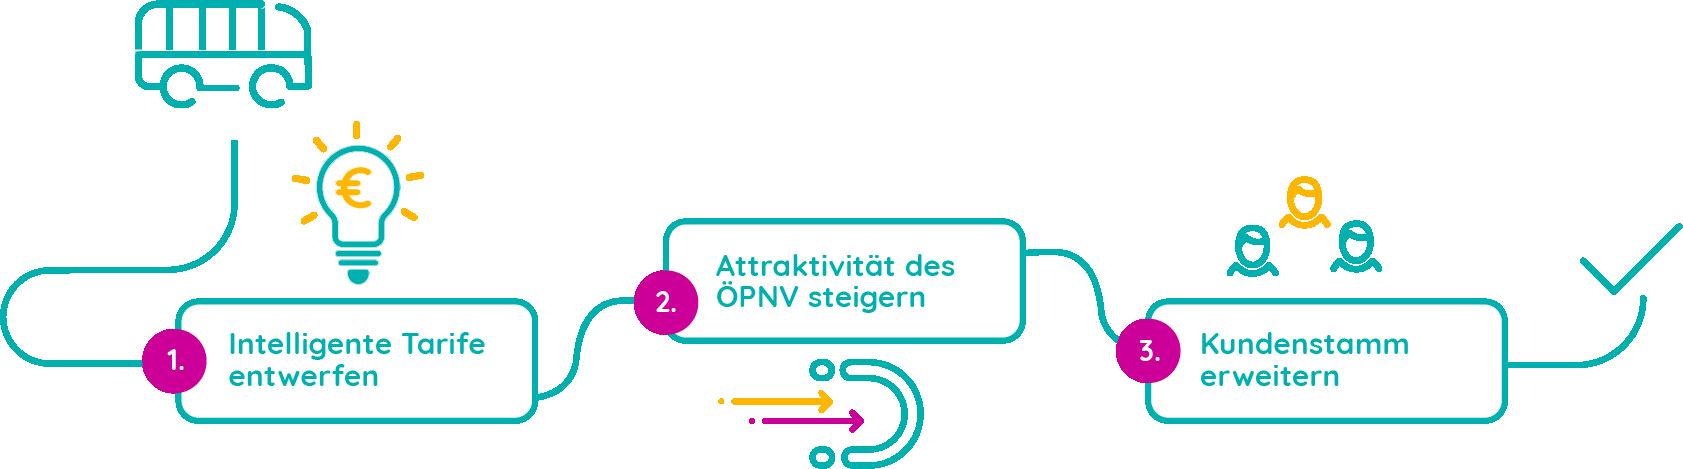 Better Mobility - Mobilitätstreiber - Der ÖPNV